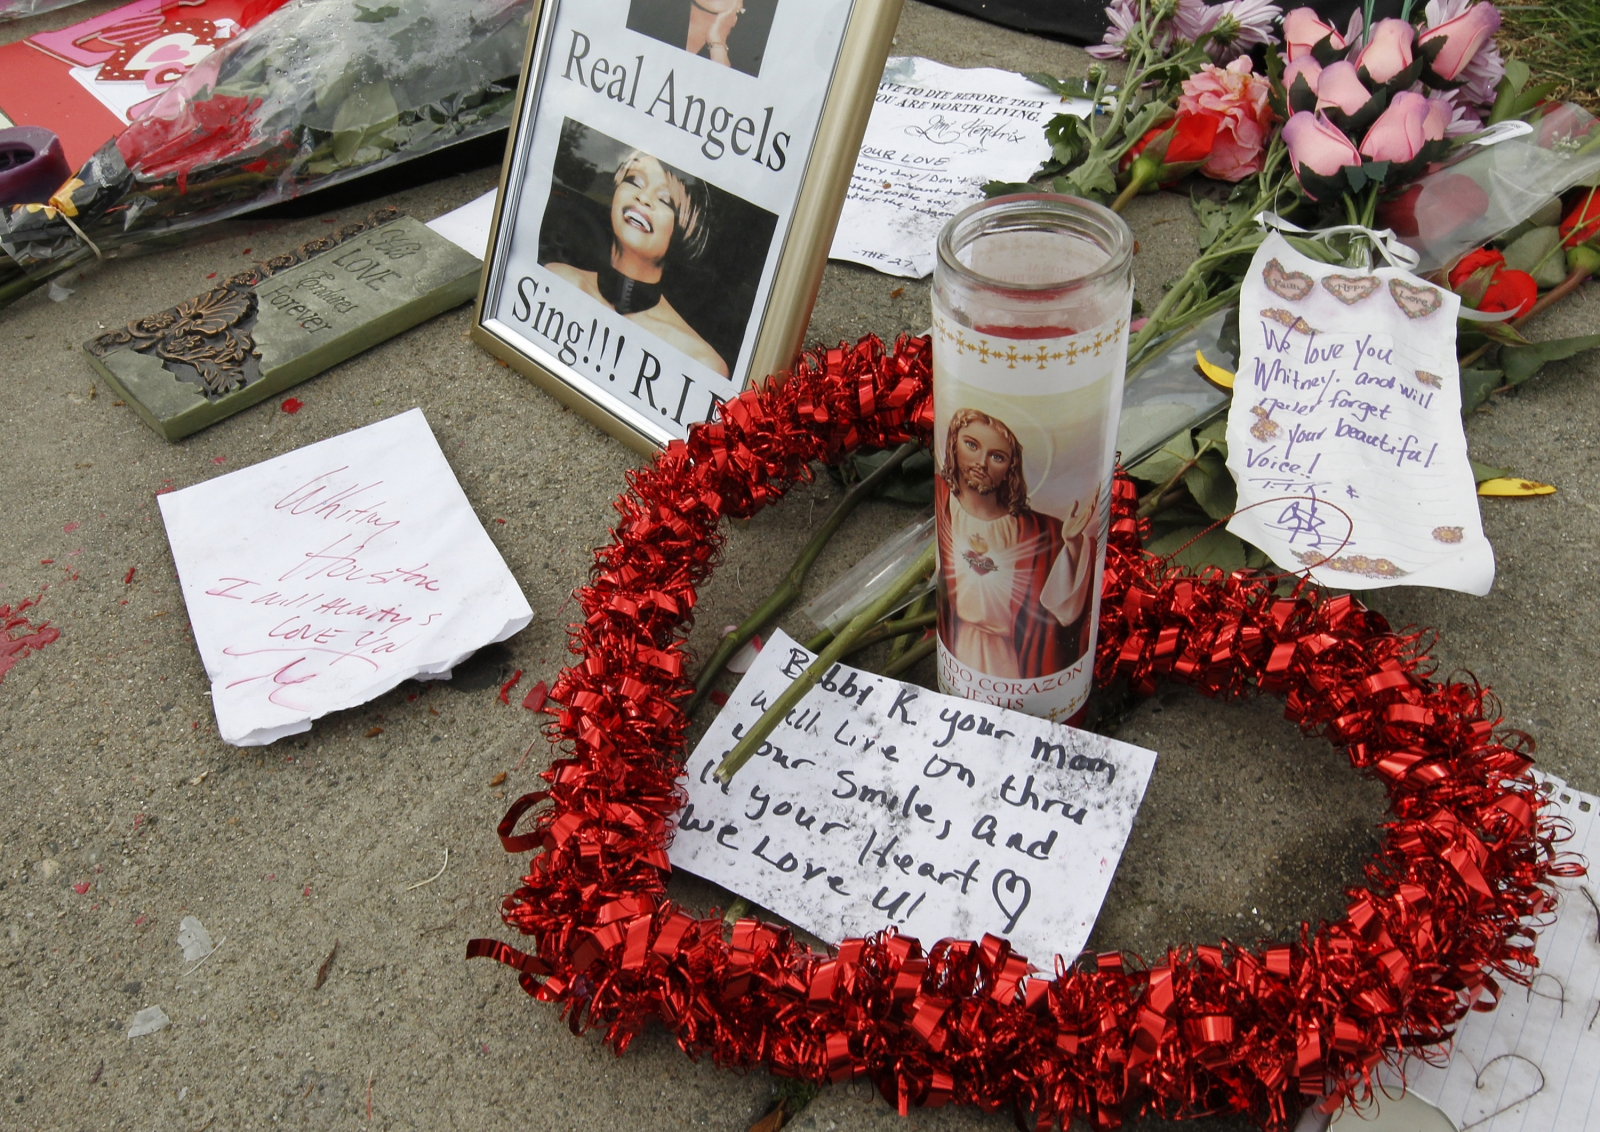 Bobbi Kristina Brown funeral